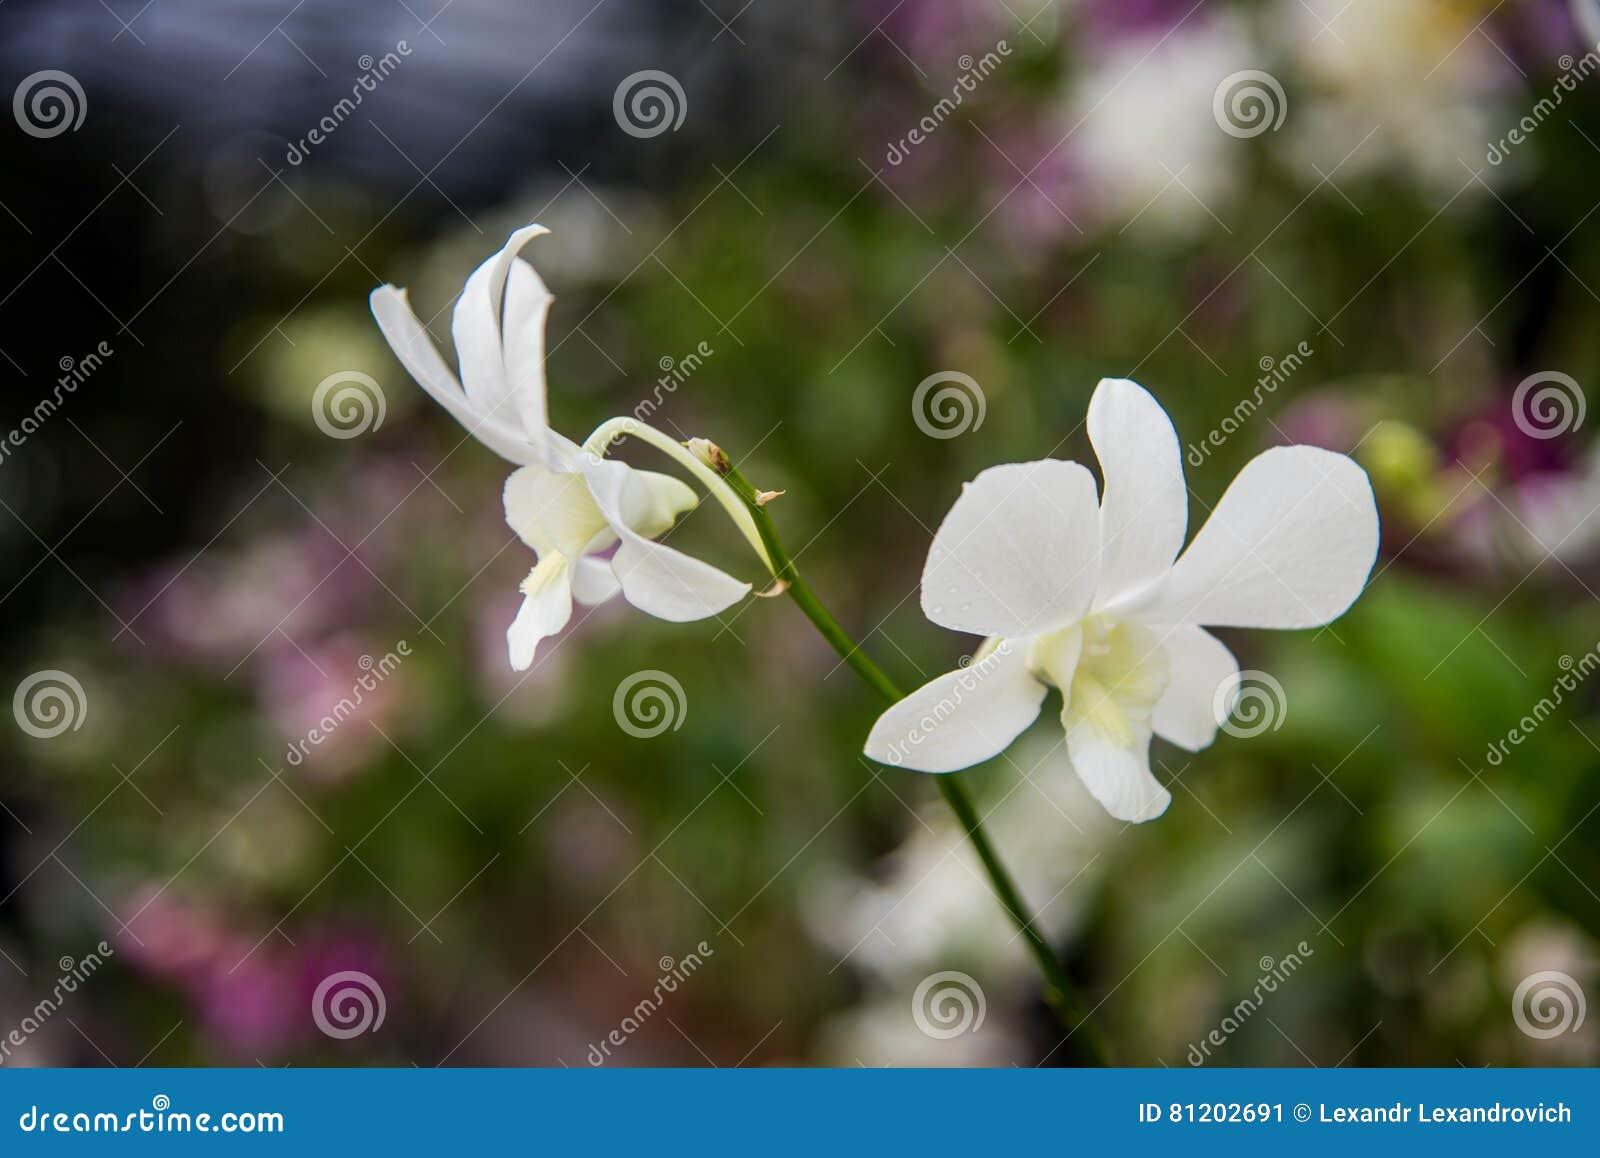 花开花兰花兰花兰花植物